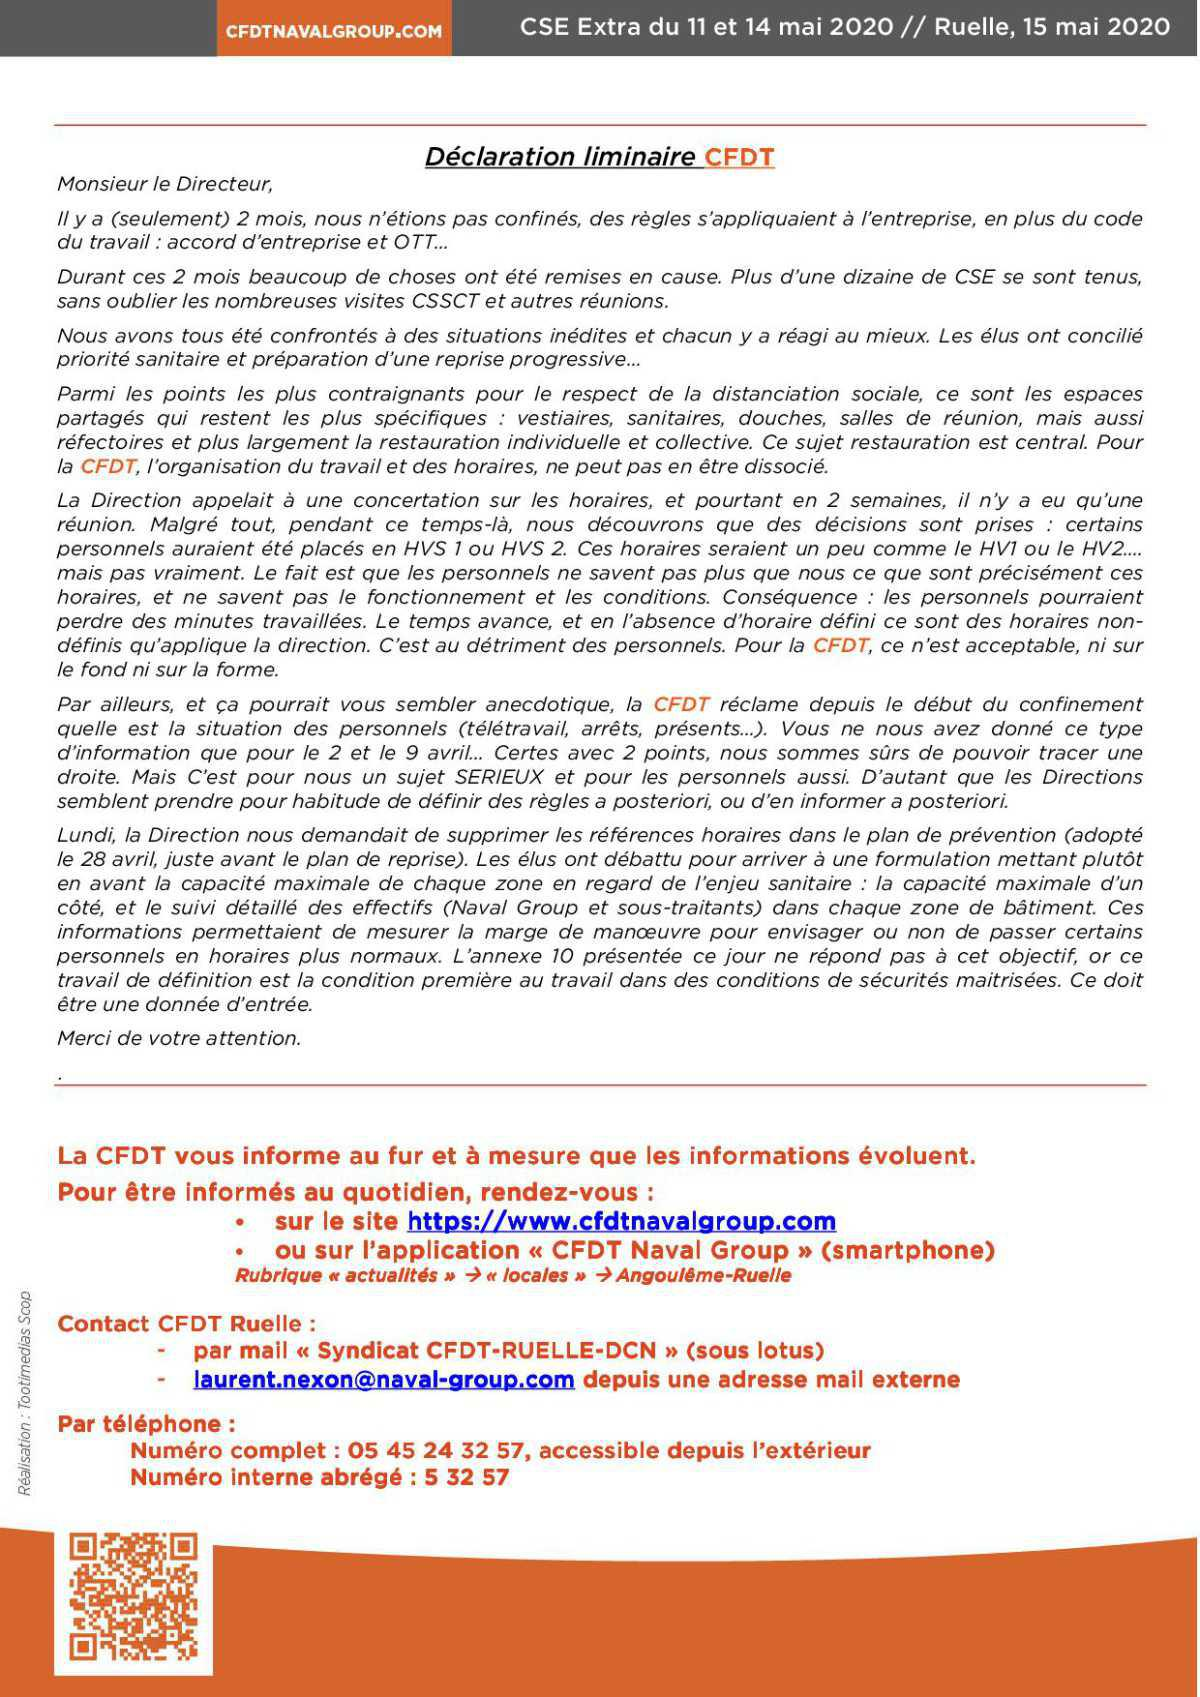 CR CSE extra de Ruelle des 11 et 14 mai 2020